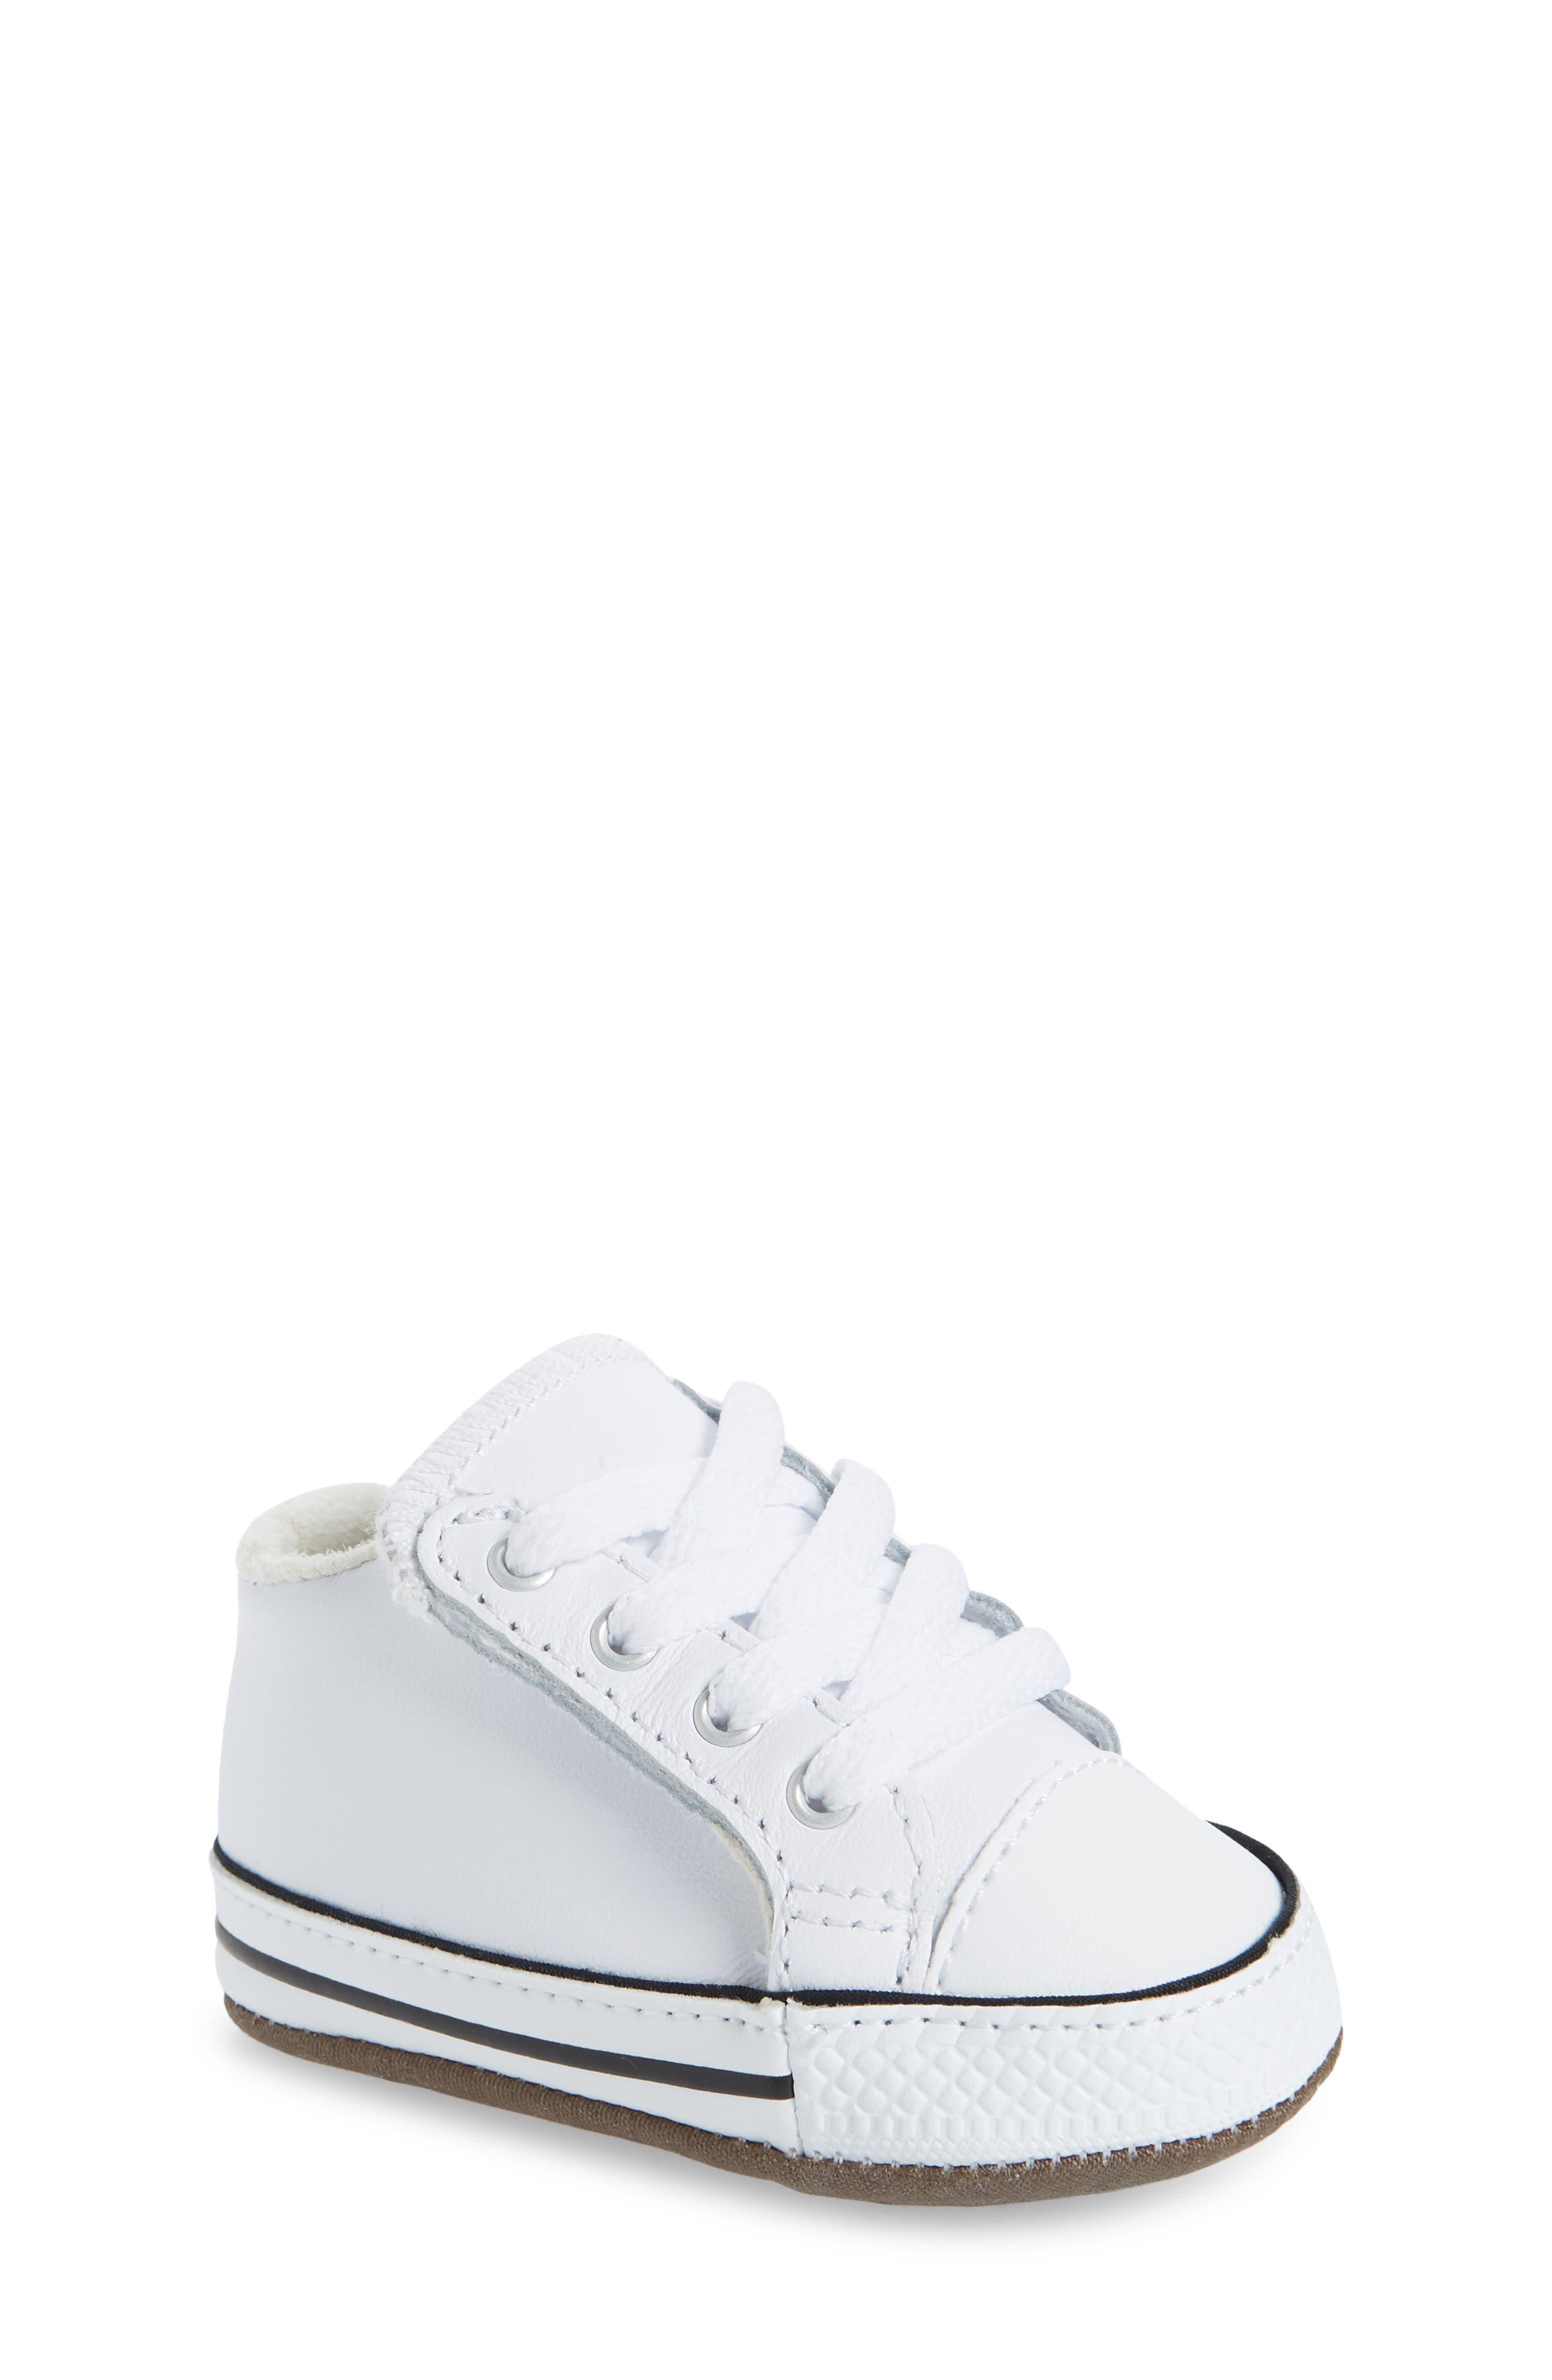 Baby, Walker \u0026 Toddler Shoes   Nordstrom